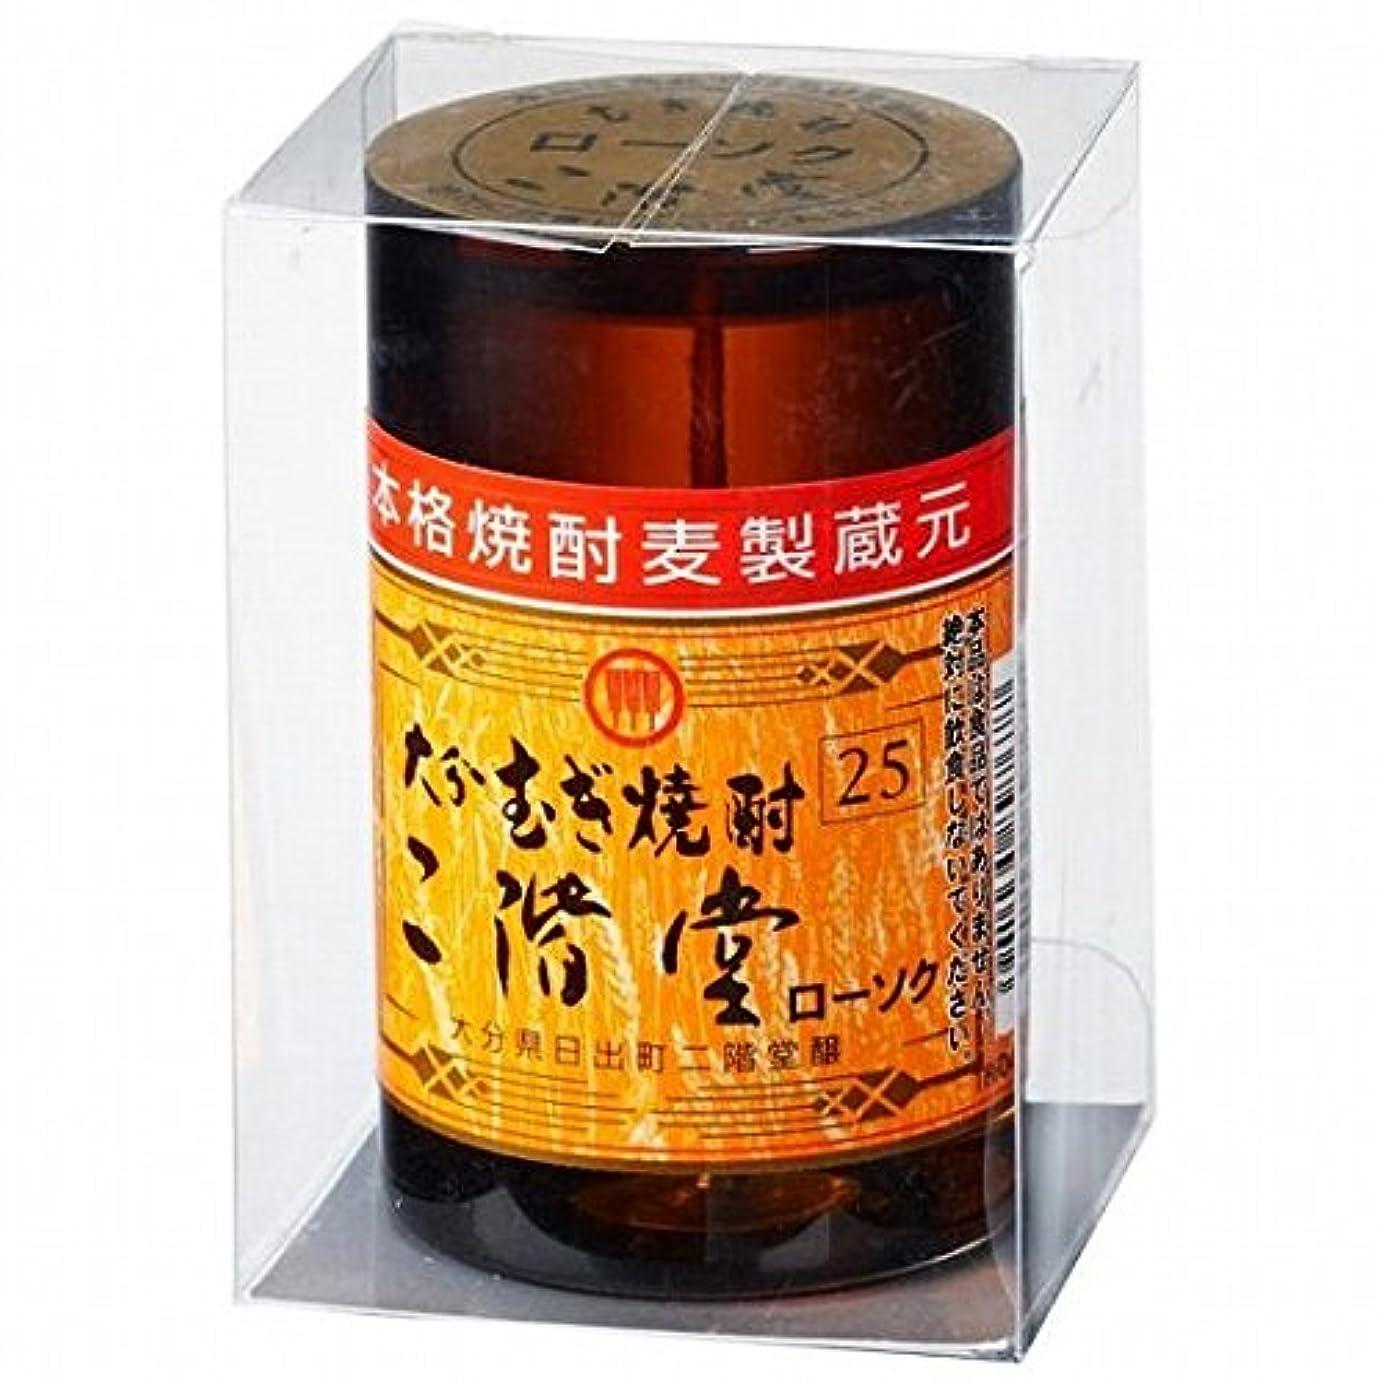 バンカー殺しますデコラティブkameyama candle(カメヤマキャンドル) 大分むぎ焼酎 二階堂ローソク キャンドル(86040000)